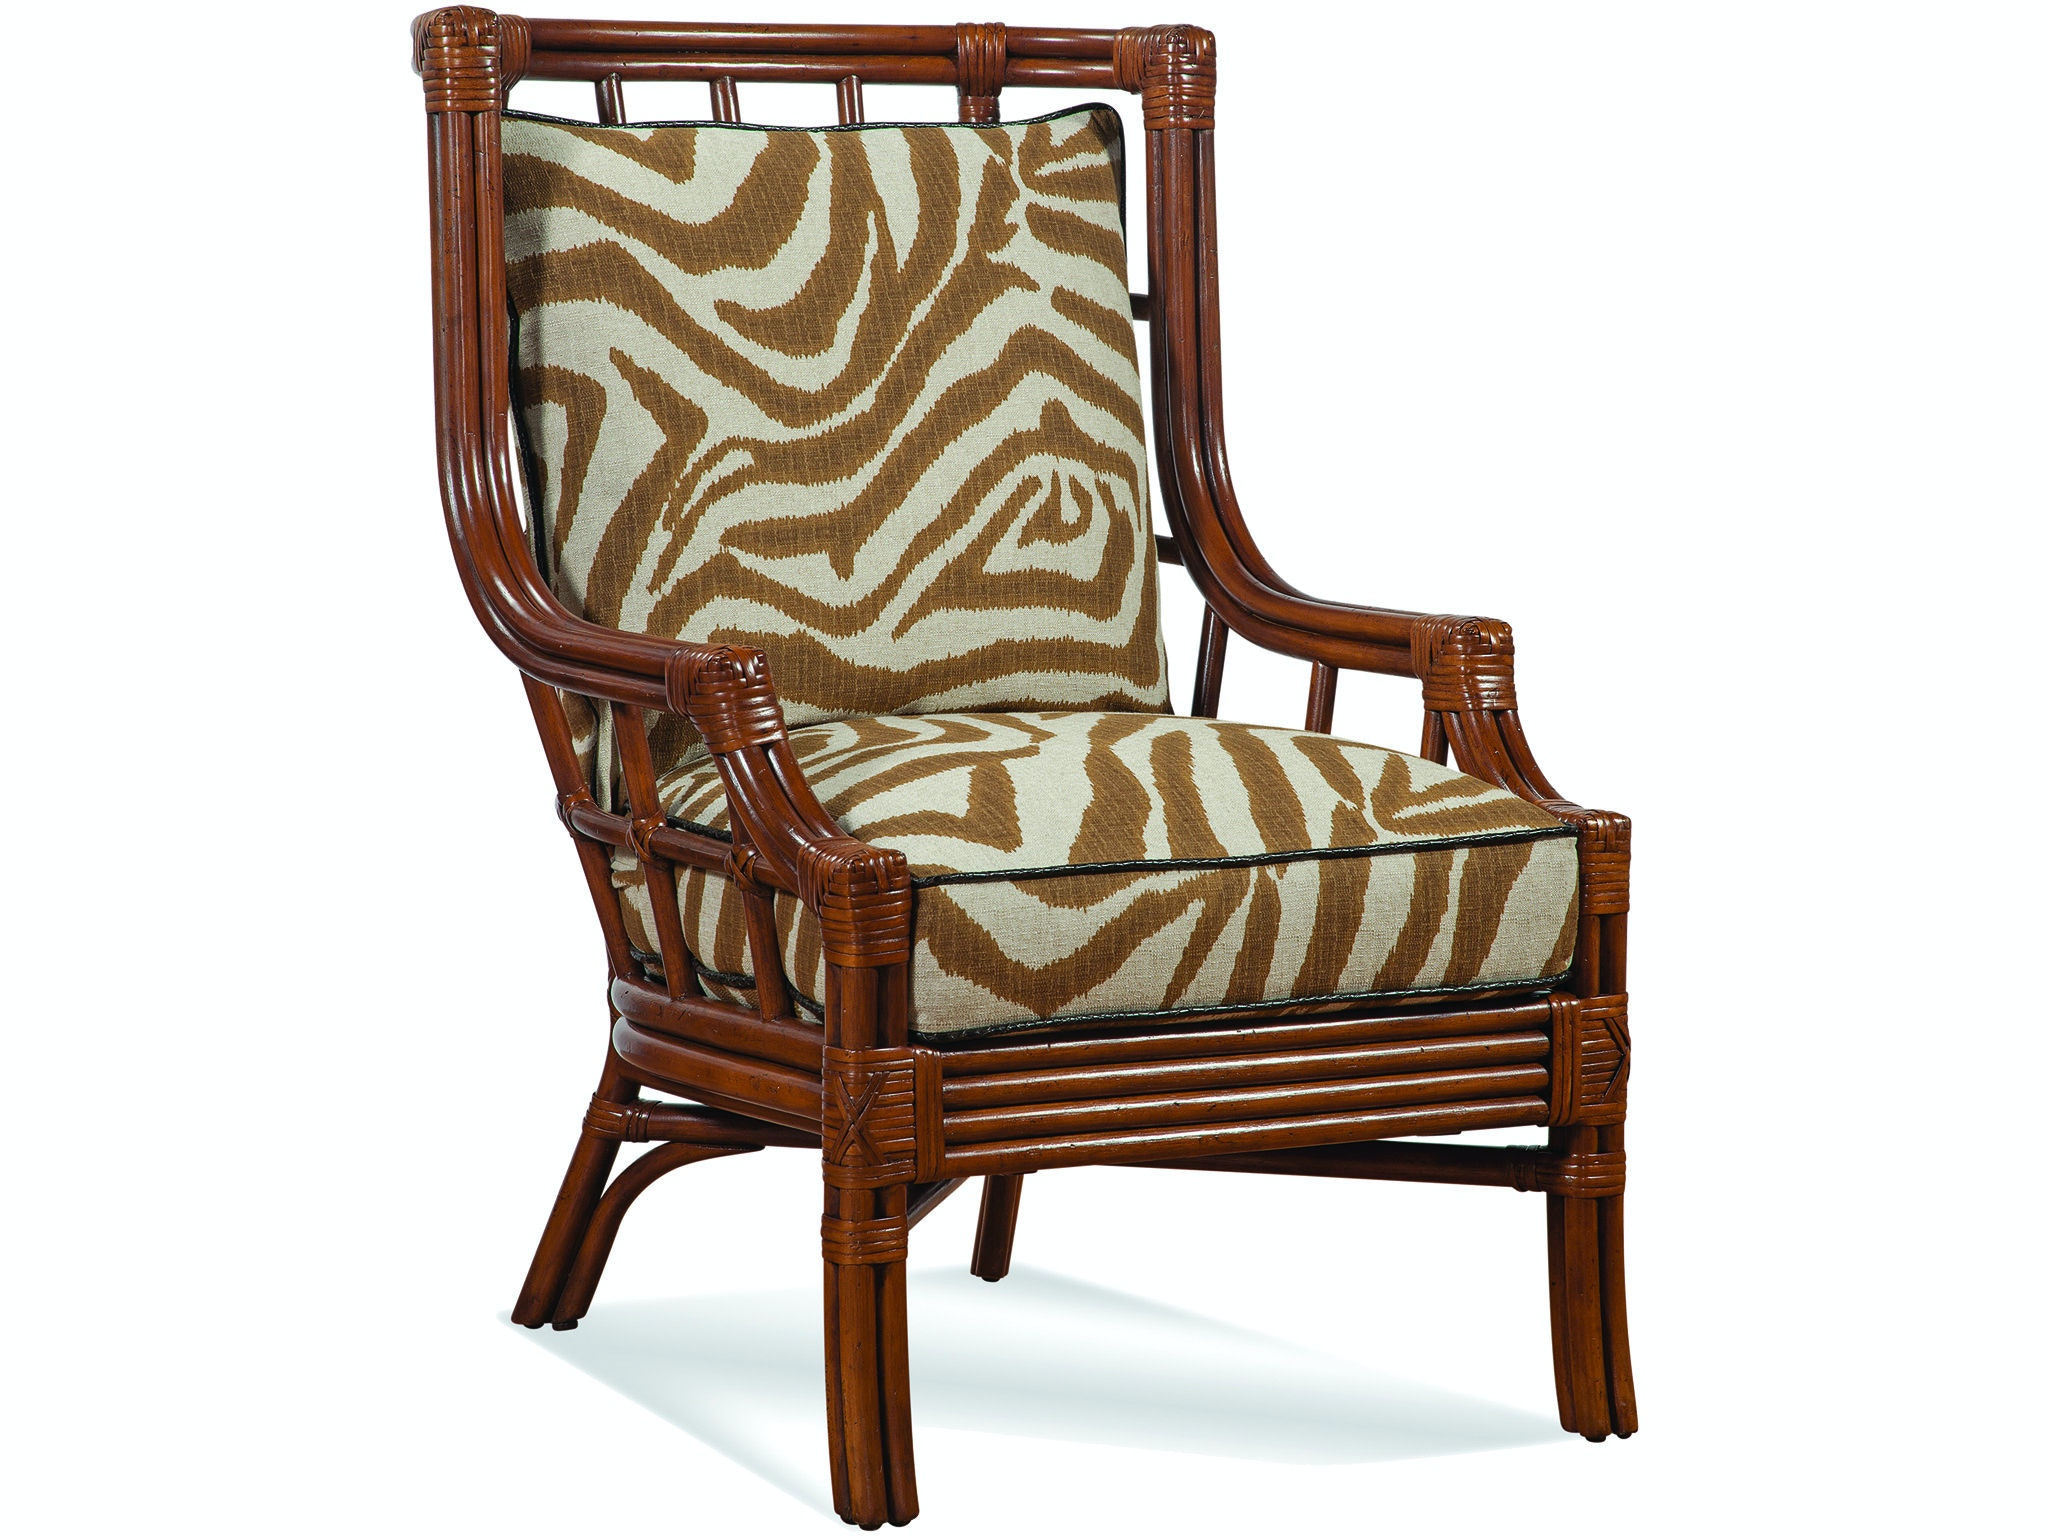 Chair 1006-007